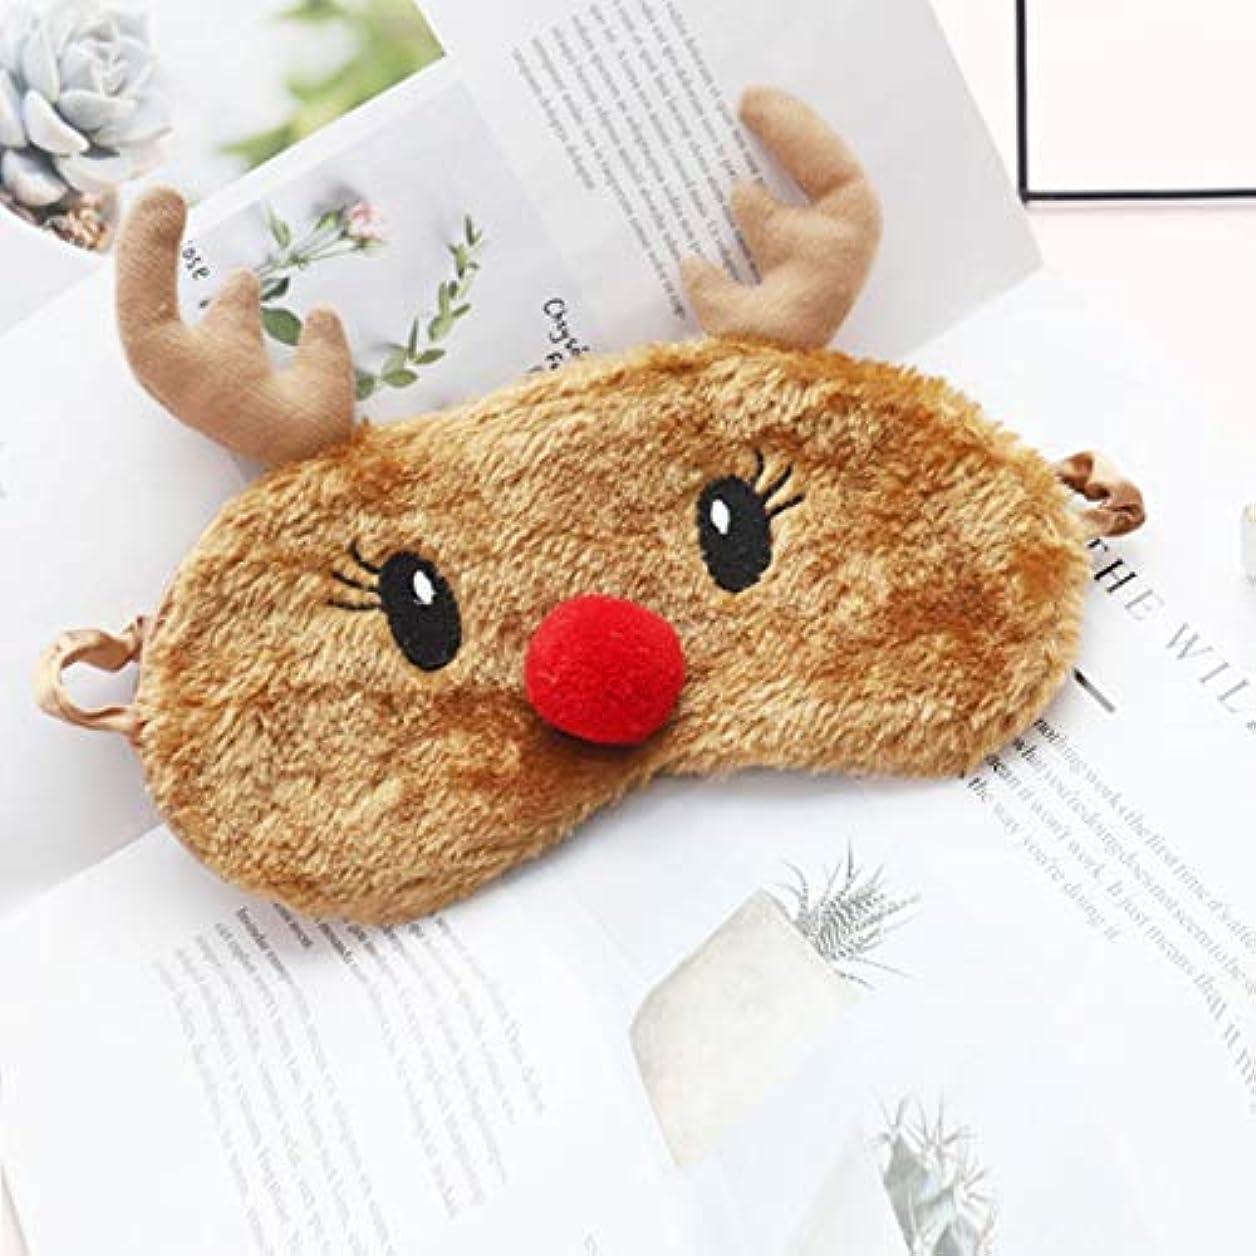 仕様南極水差しIntercoreyトナカイアイブリンダーぬいぐるみ睡眠マスククリスマス用の調整可能な睡眠マスクかわいい動物睡眠アイマスク